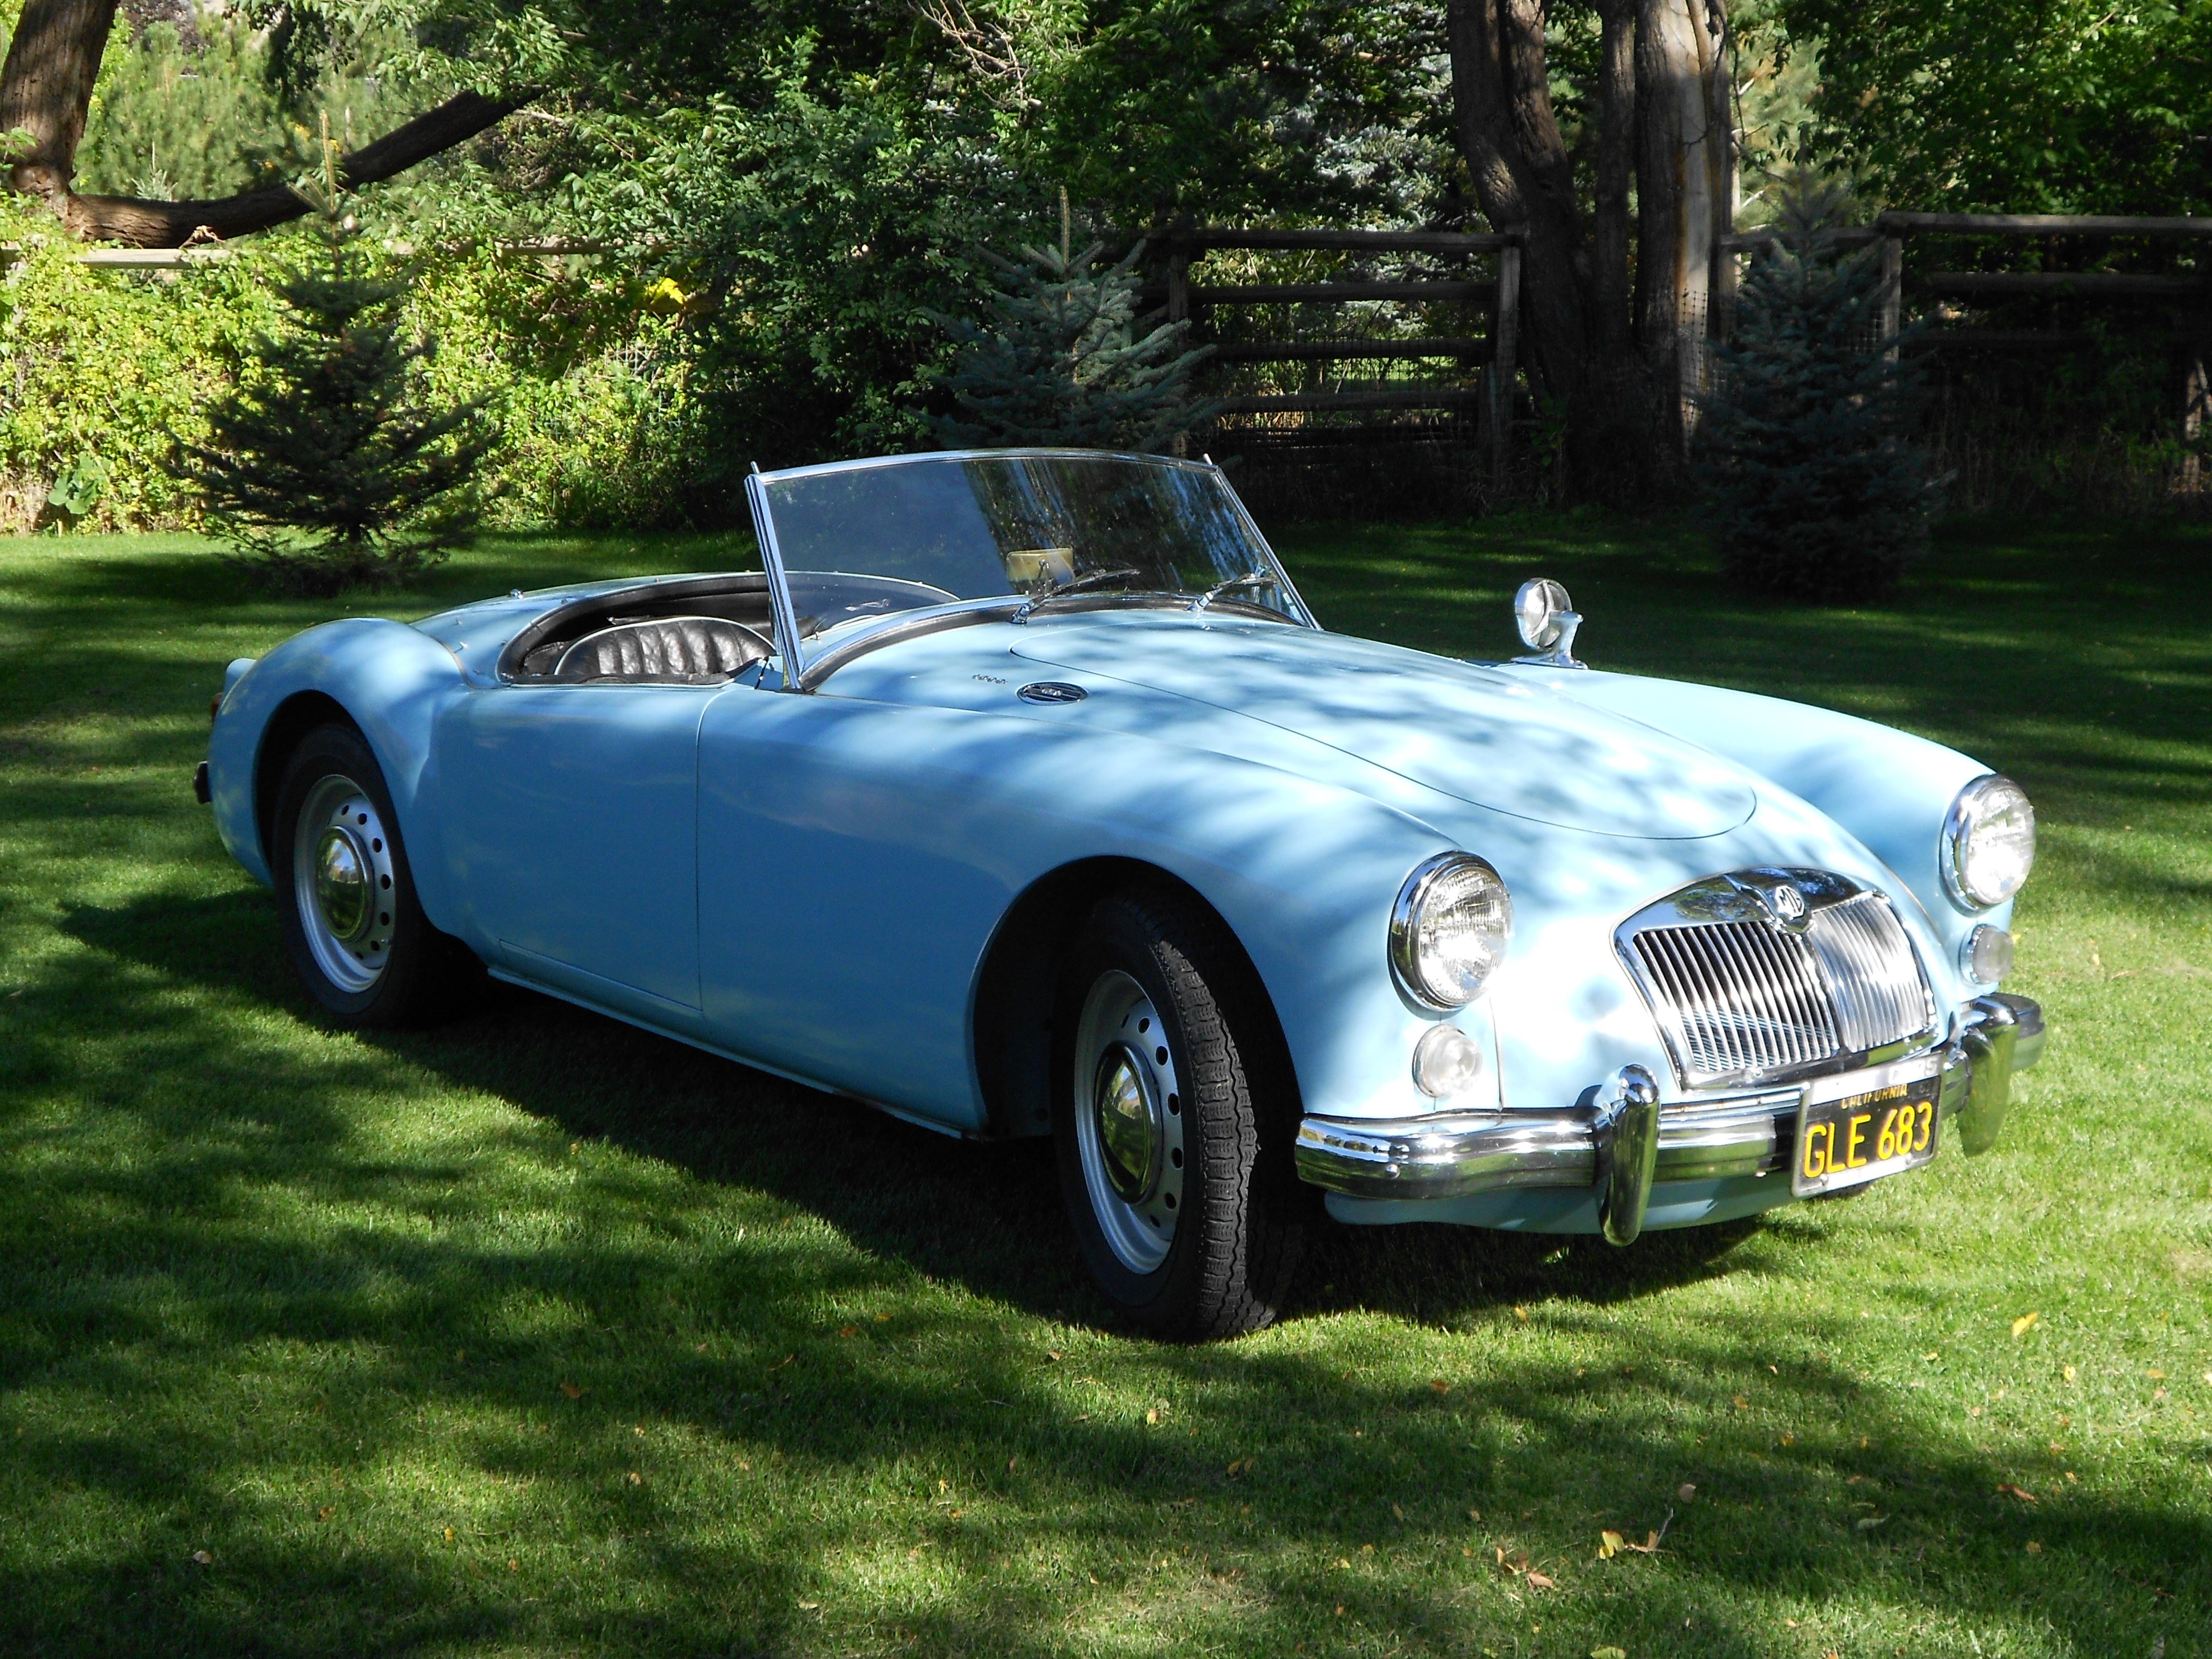 Vintage Motors of Lyons